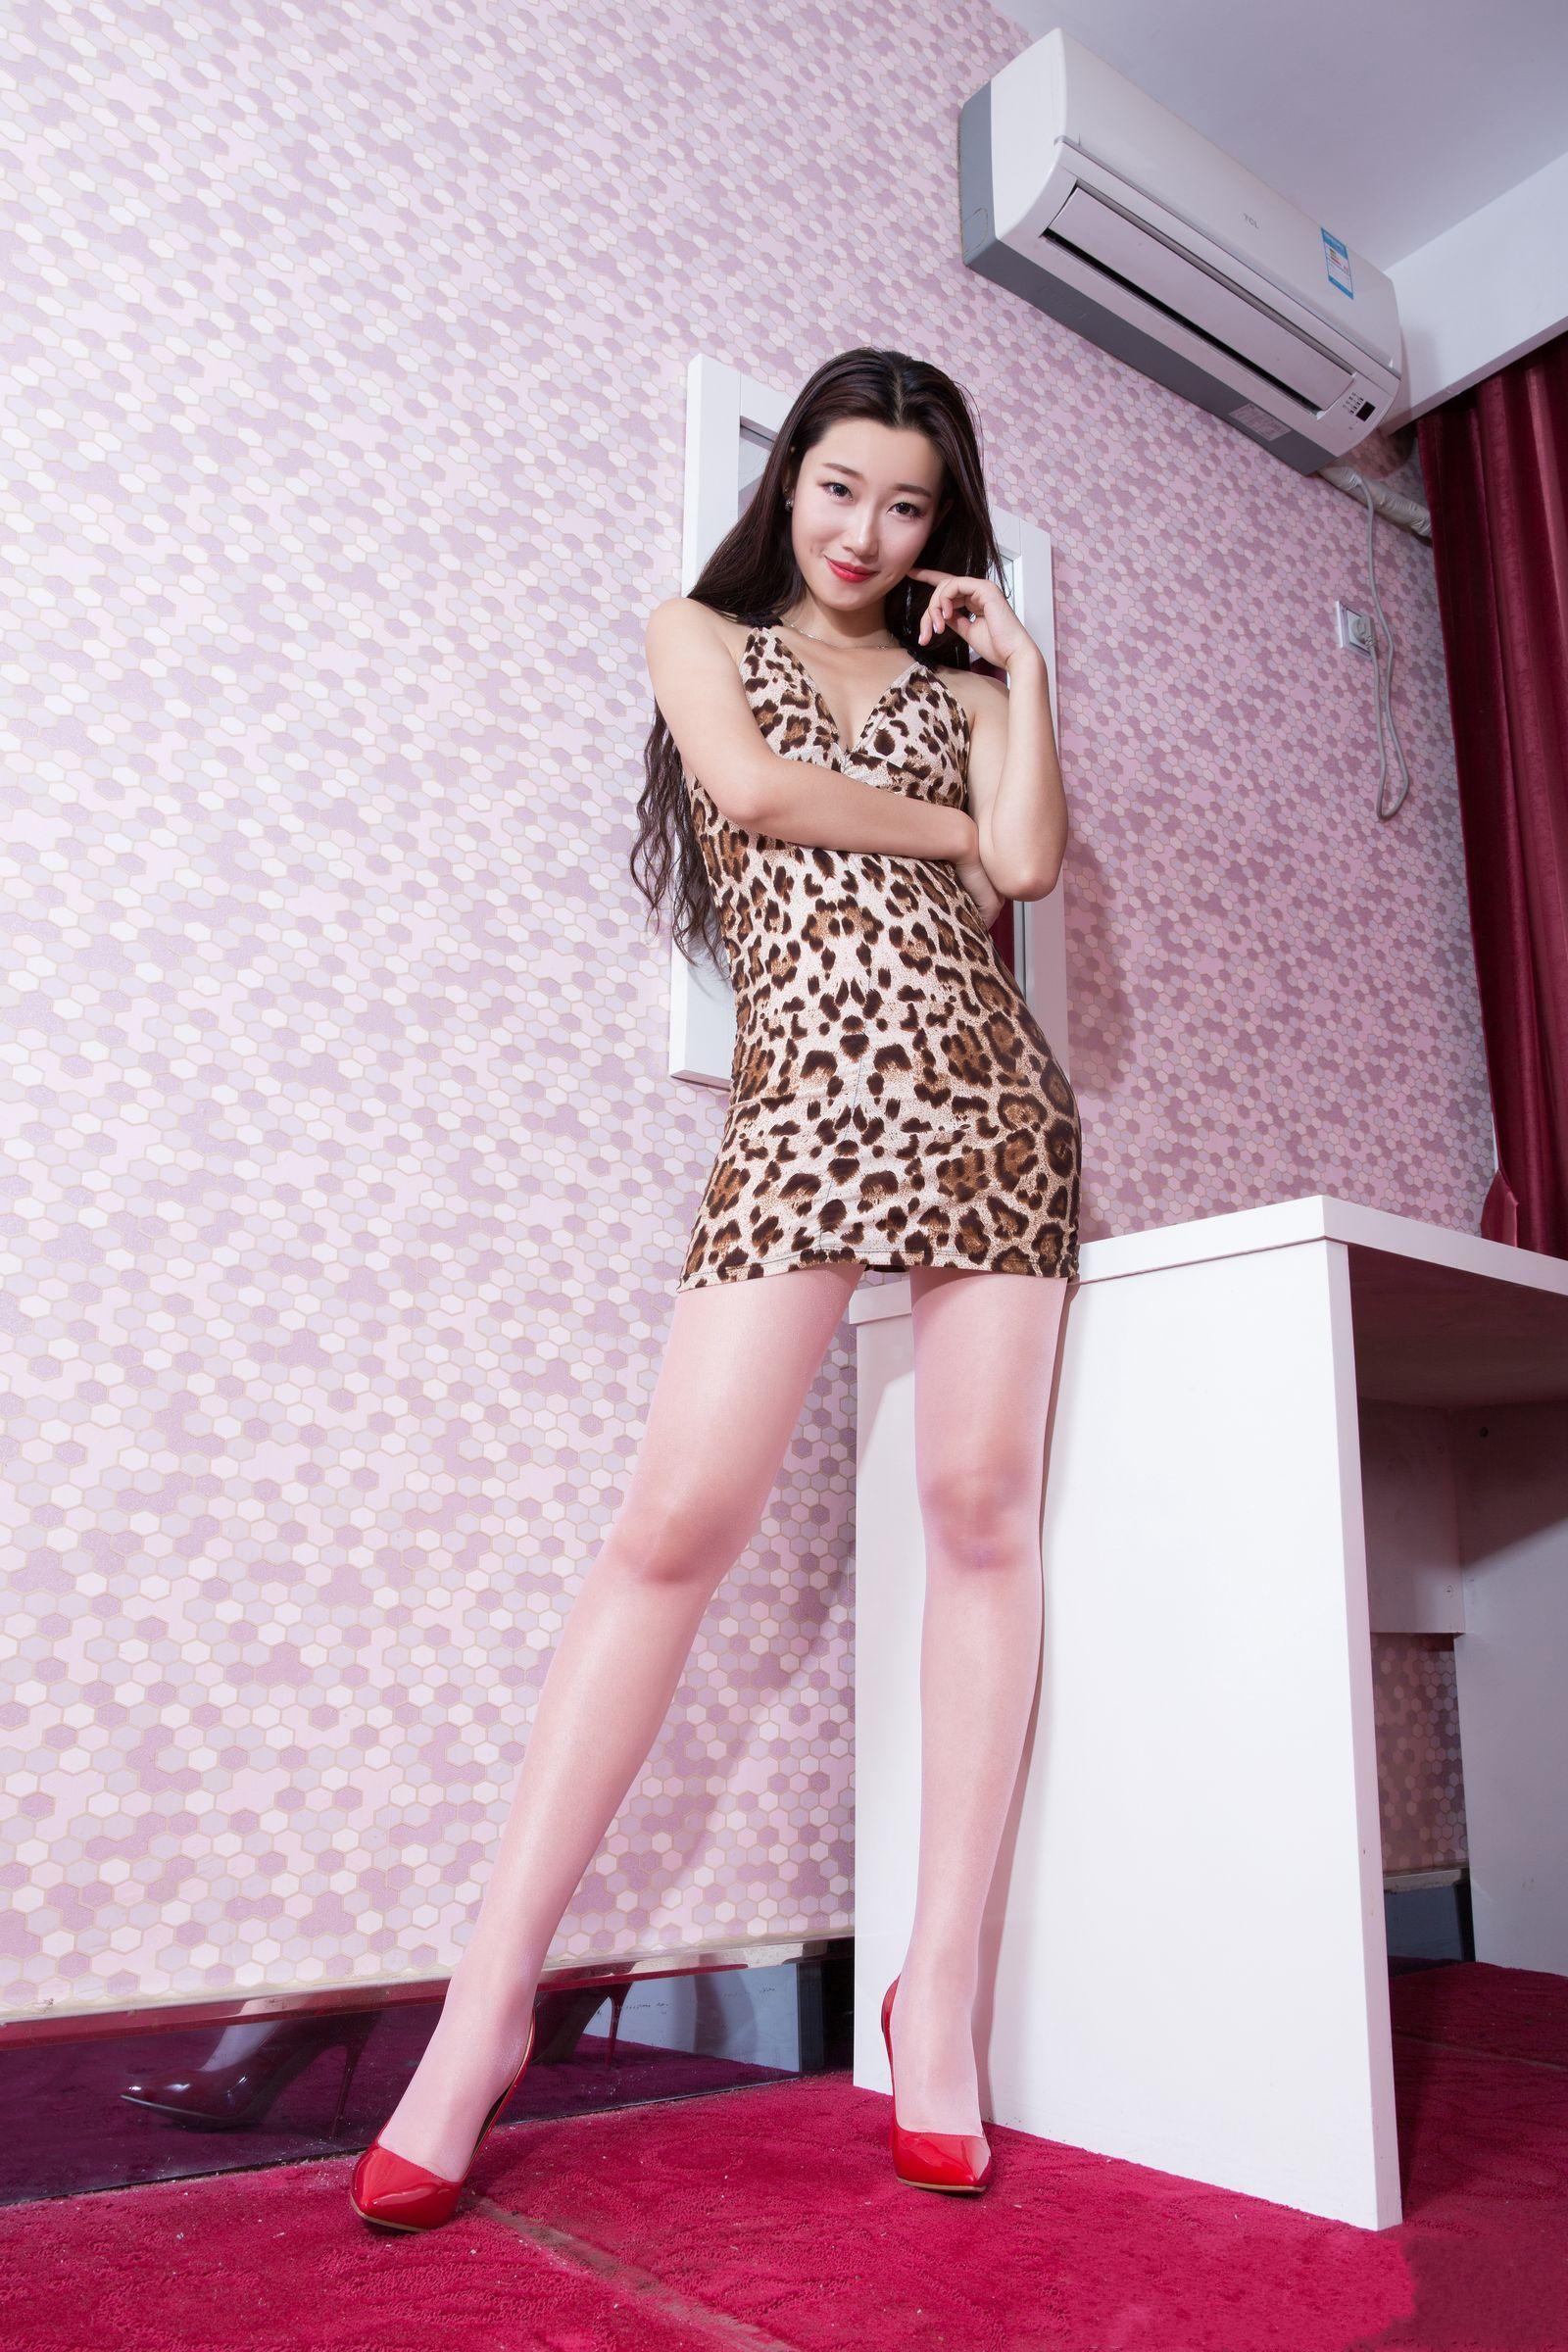 爱秀美腿秀妍妍2 - 花開有聲 - 花開有聲